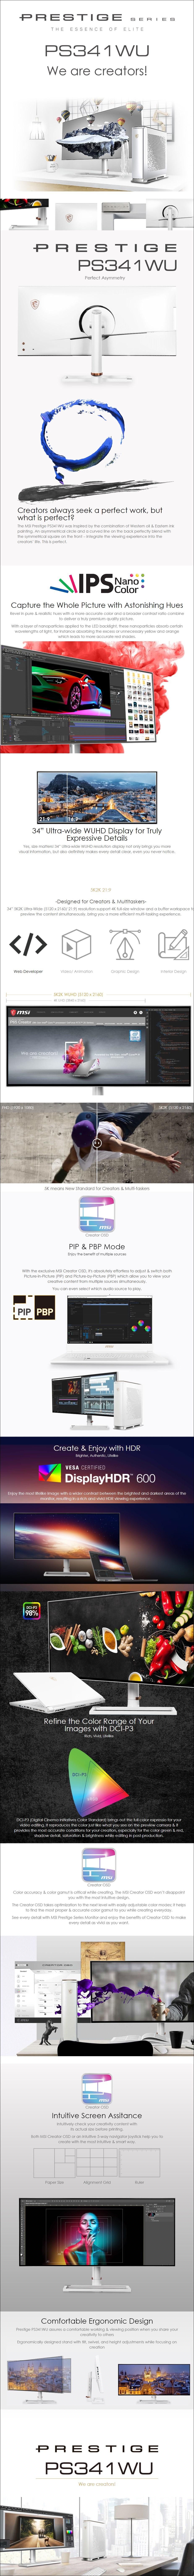 msi-prestige-ps341wu-34-5k2k-wuhd-ultrawide-calibrated-nano-ips-monitor-ac28497-5.jpg